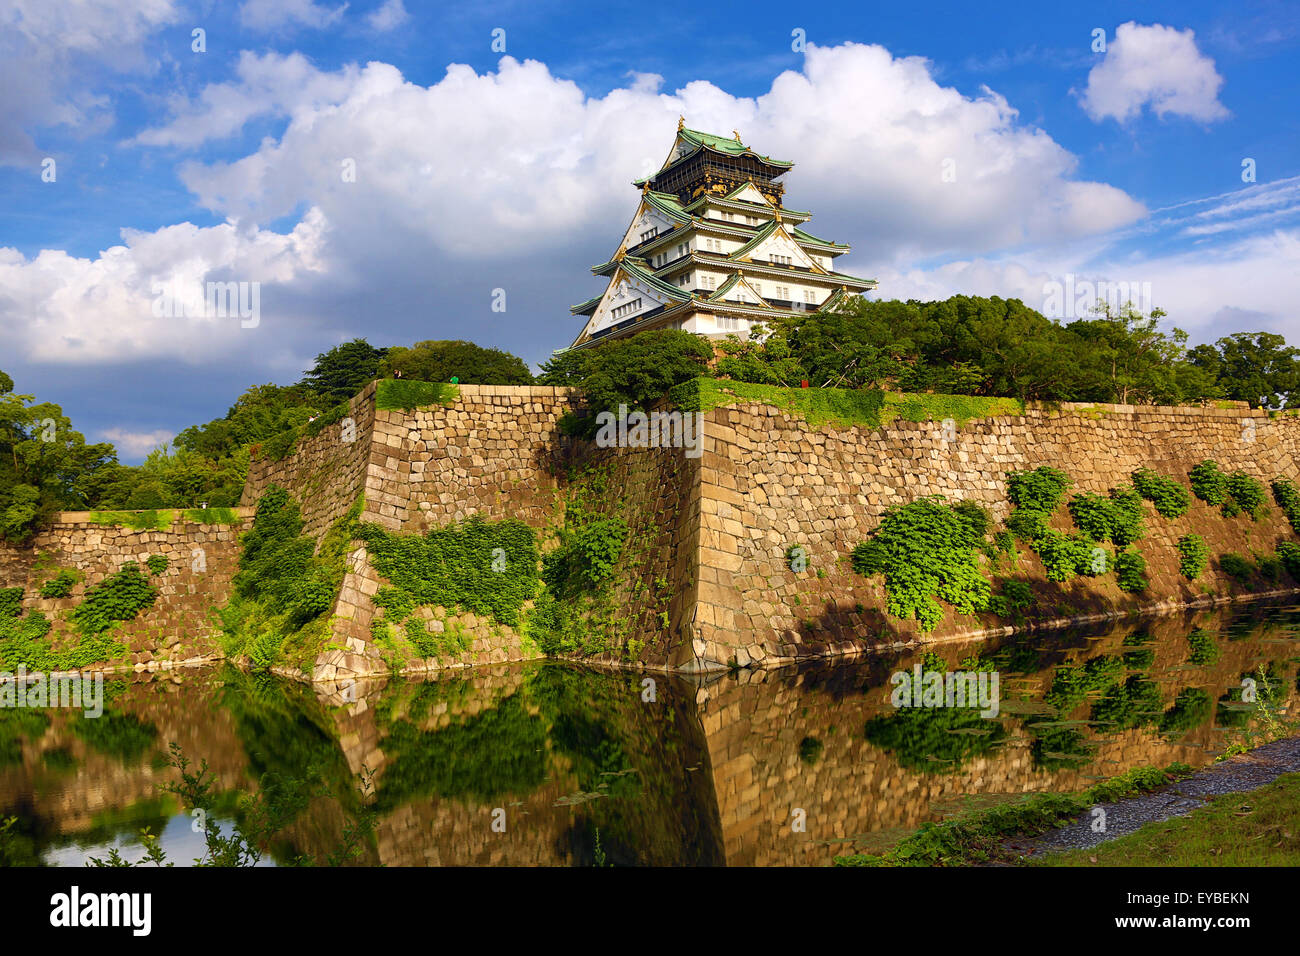 Osaka Castle and ramparts, Osaka, Japan - Stock Image